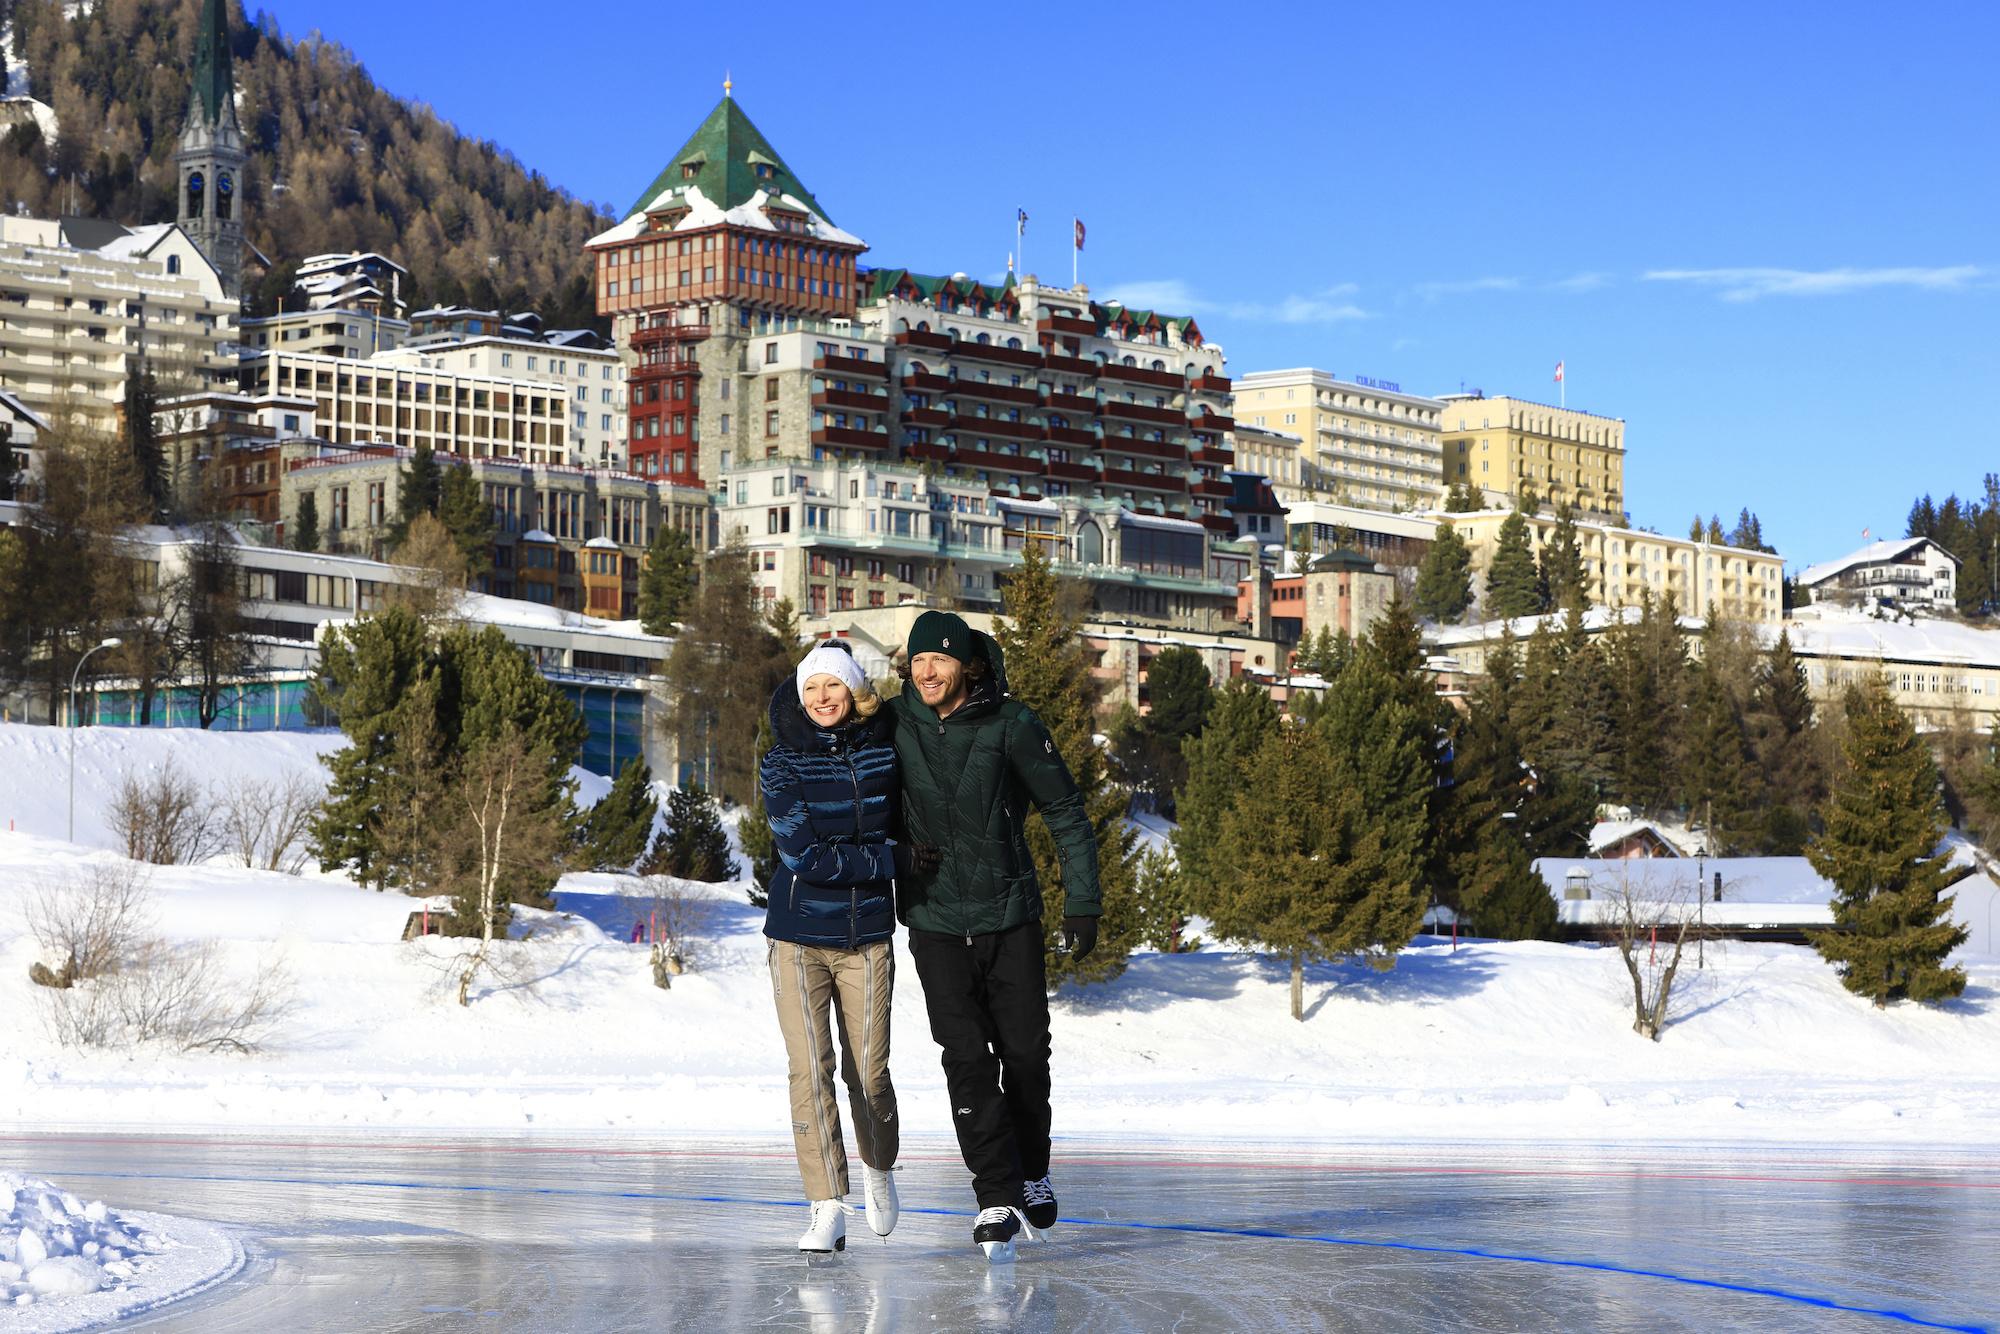 Pattinare sul ghiaccio in montagna